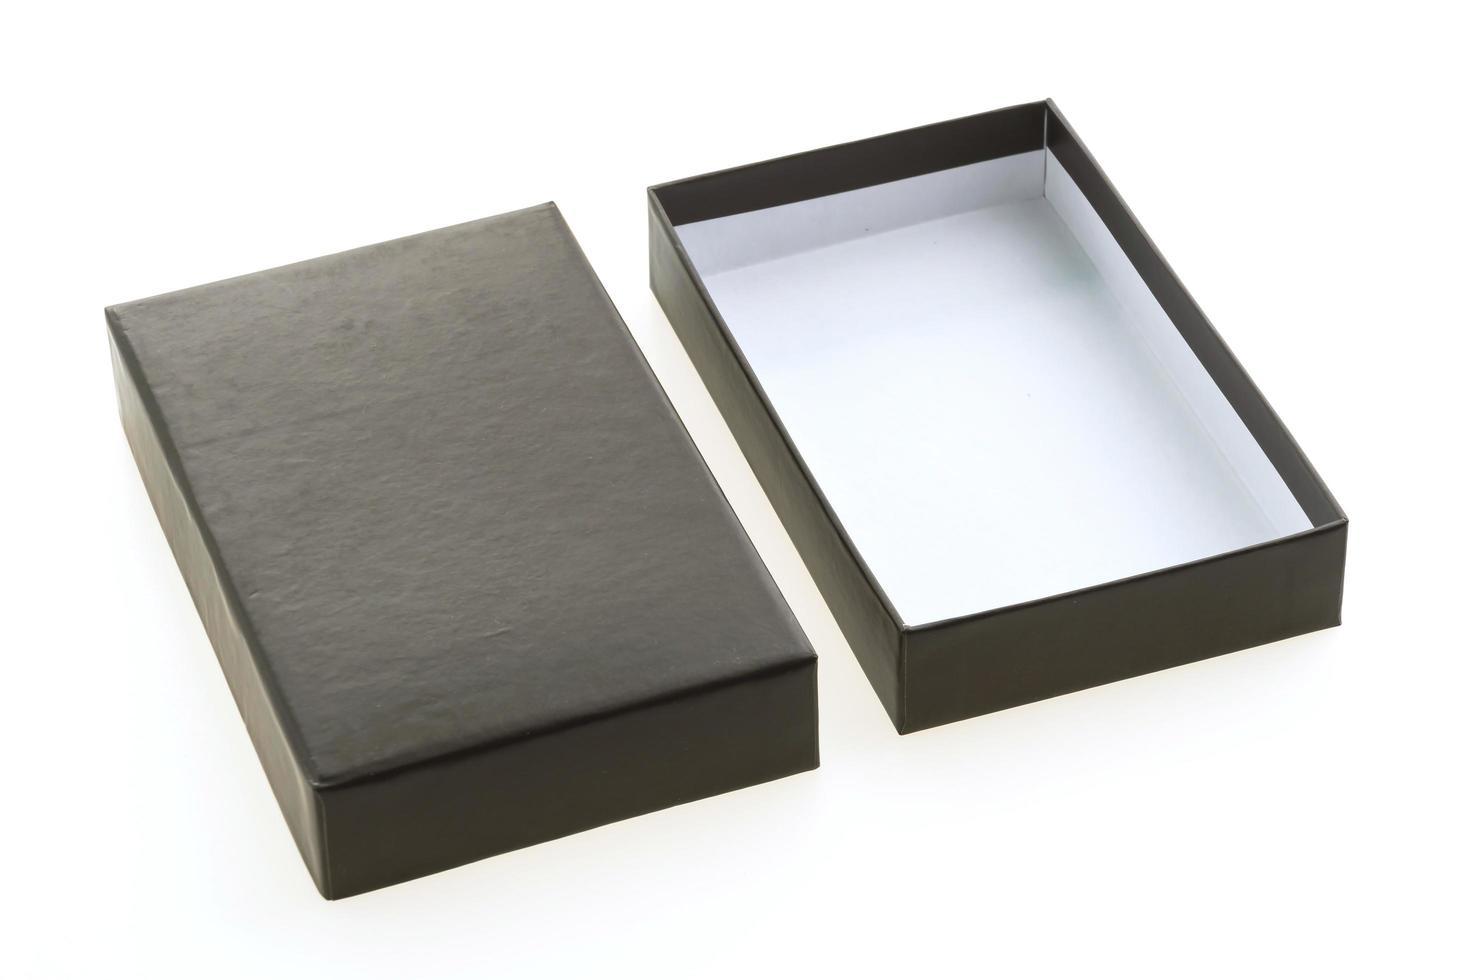 boîte noire sur fond blanc photo